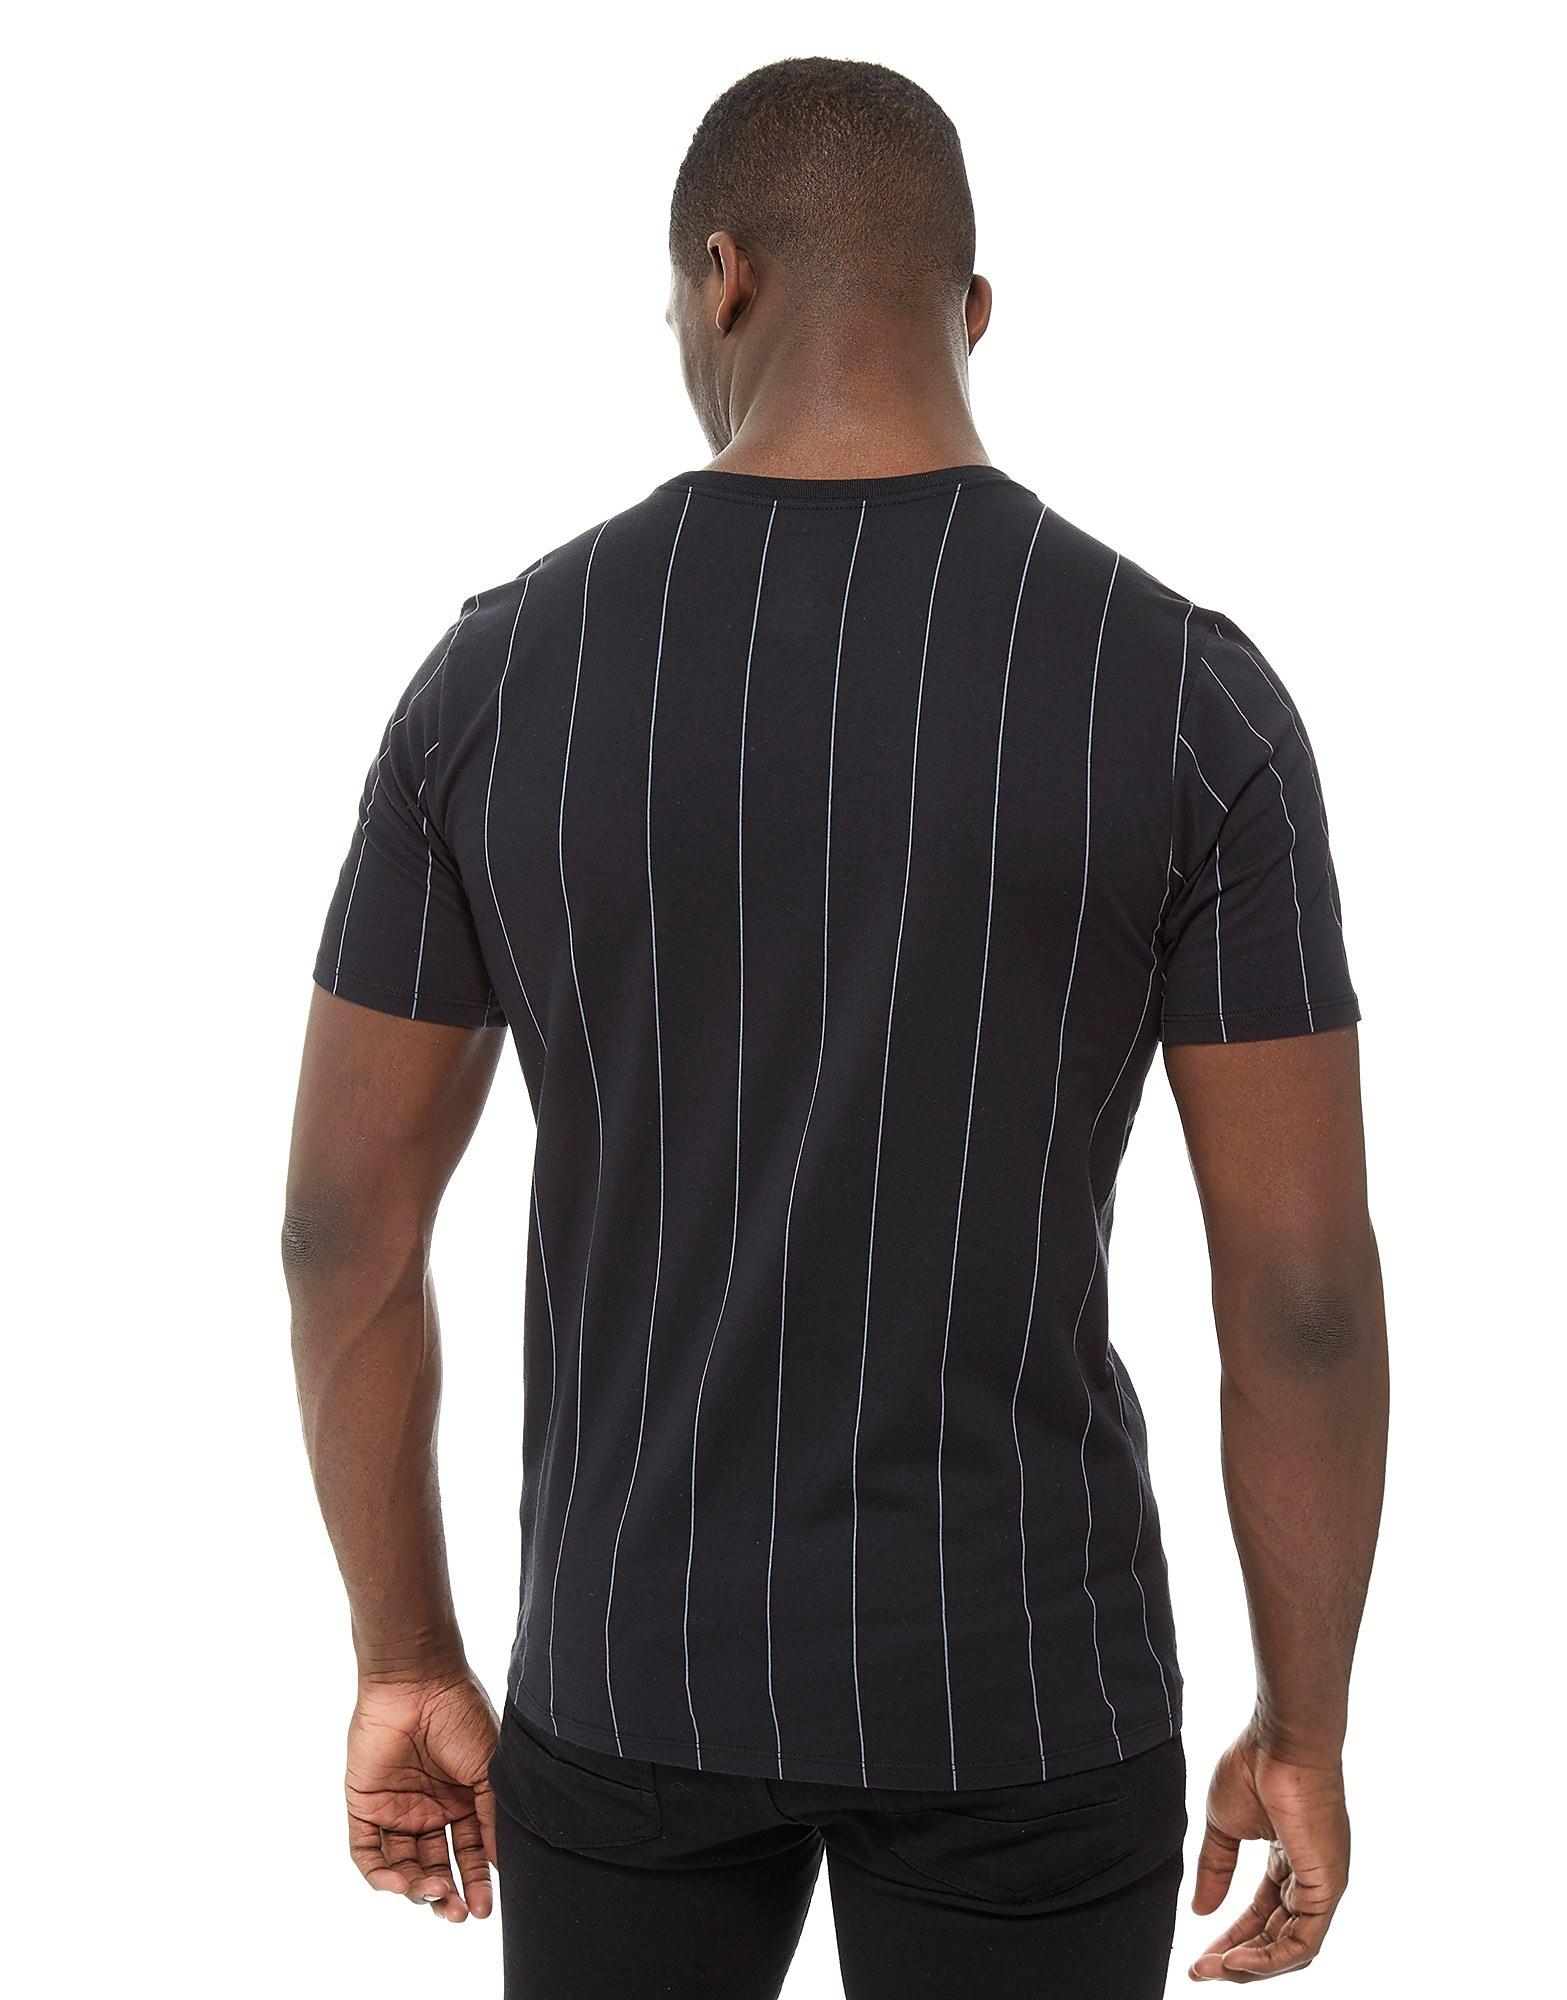 Jordan Air 9 T-Shirt